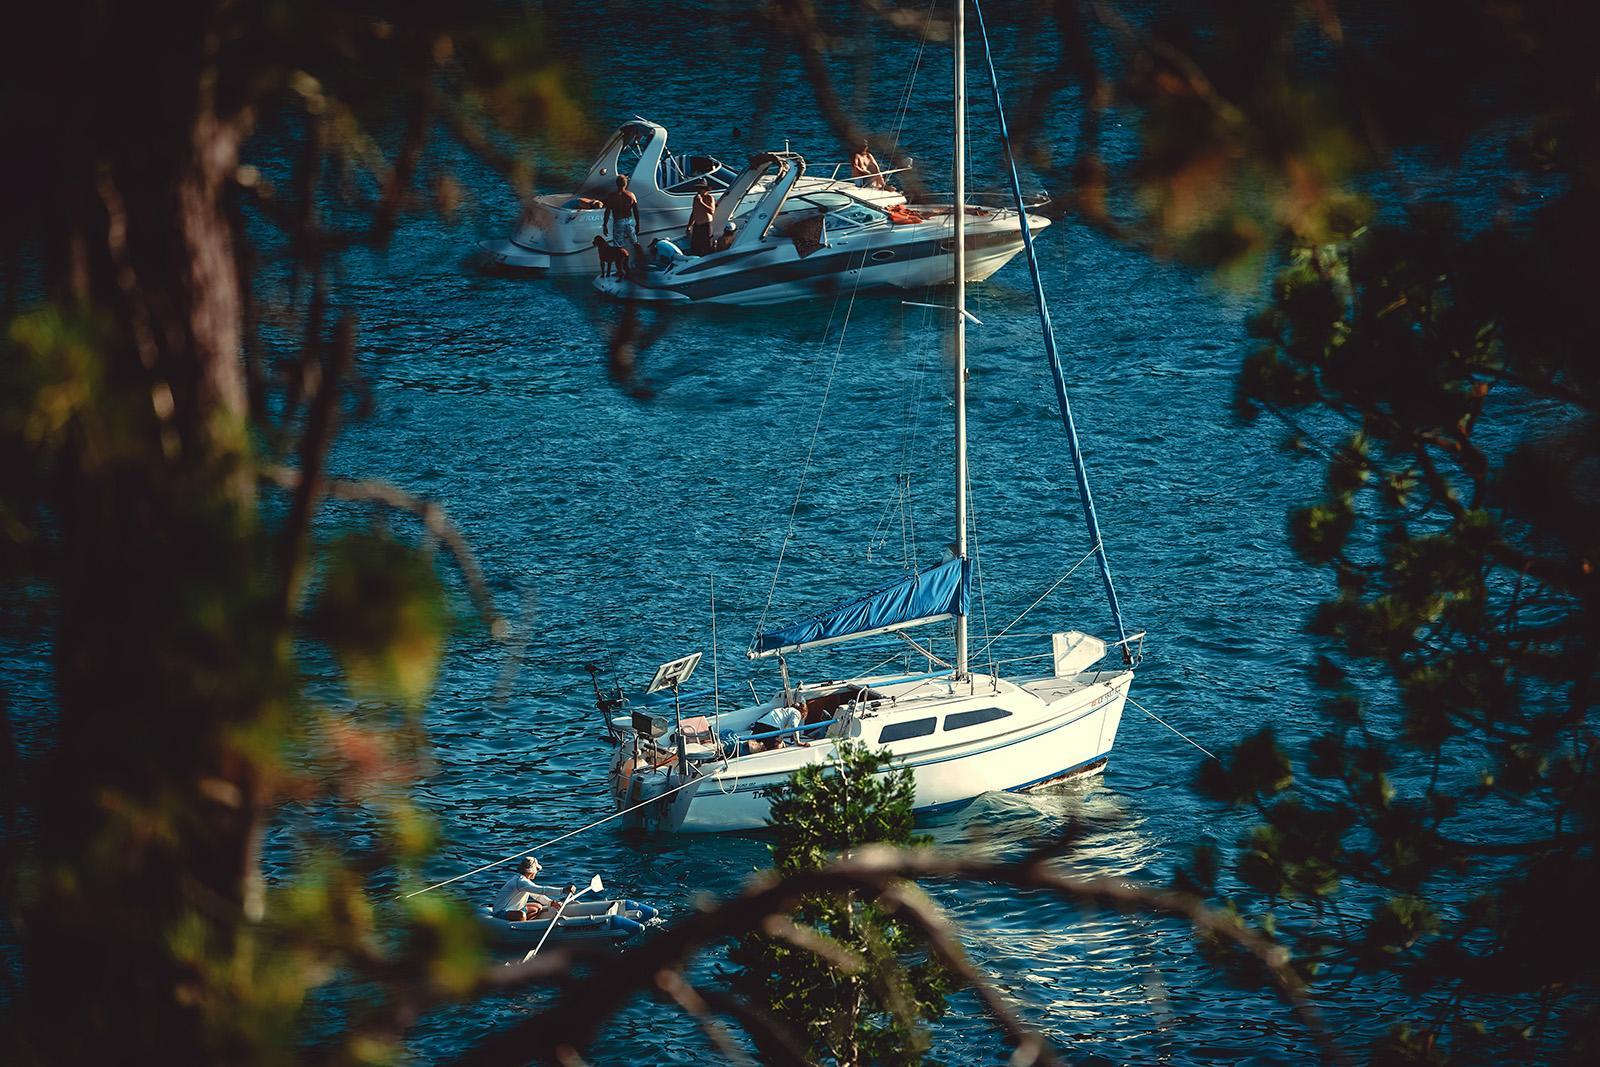 Båd til familien og dig: hvad er den rigtige familiebåd til dit behov?